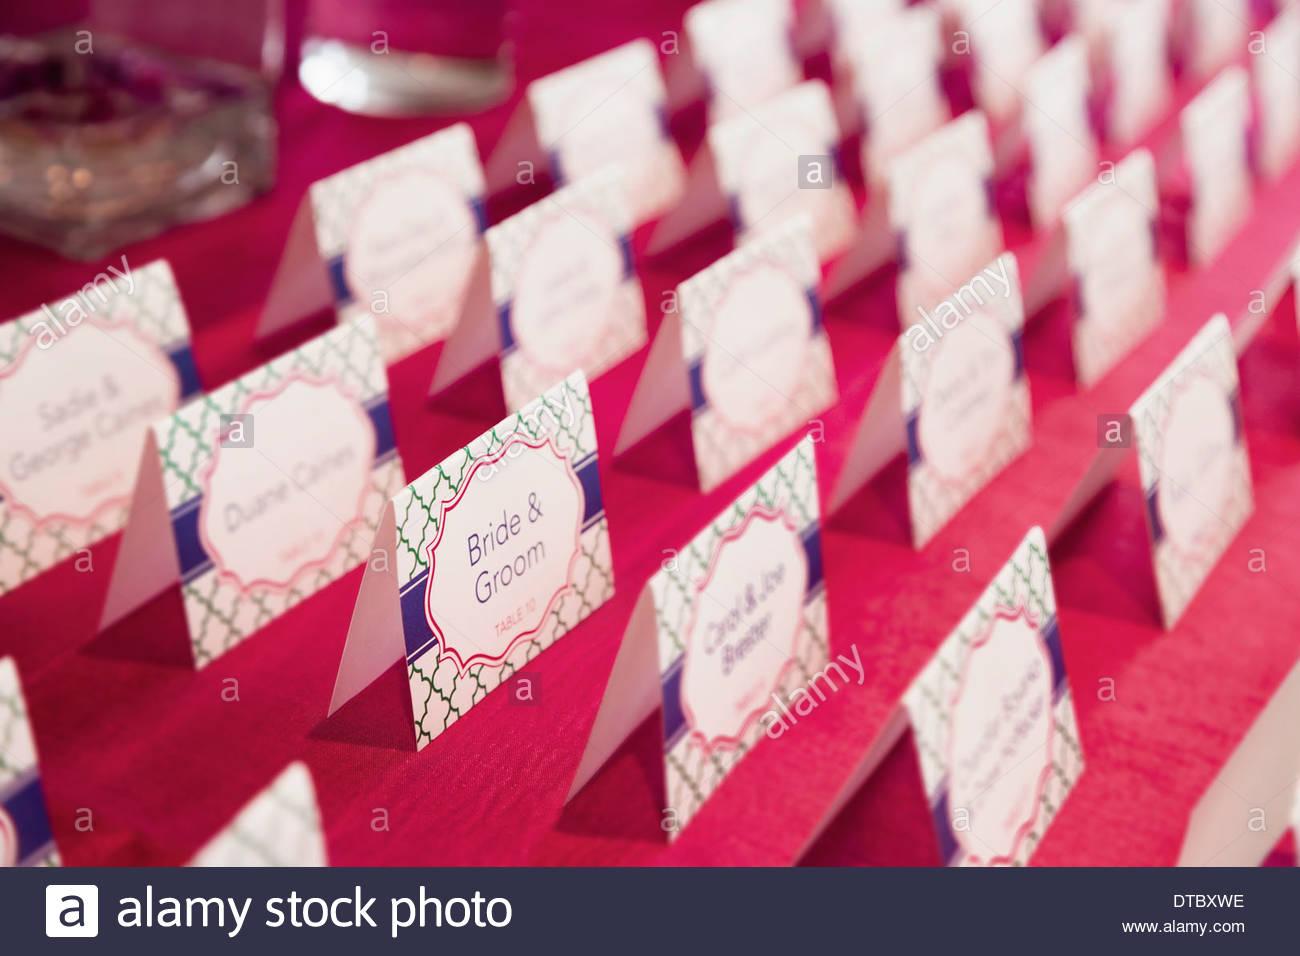 Place Cards Imágenes De Stock & Place Cards Fotos De Stock - Alamy